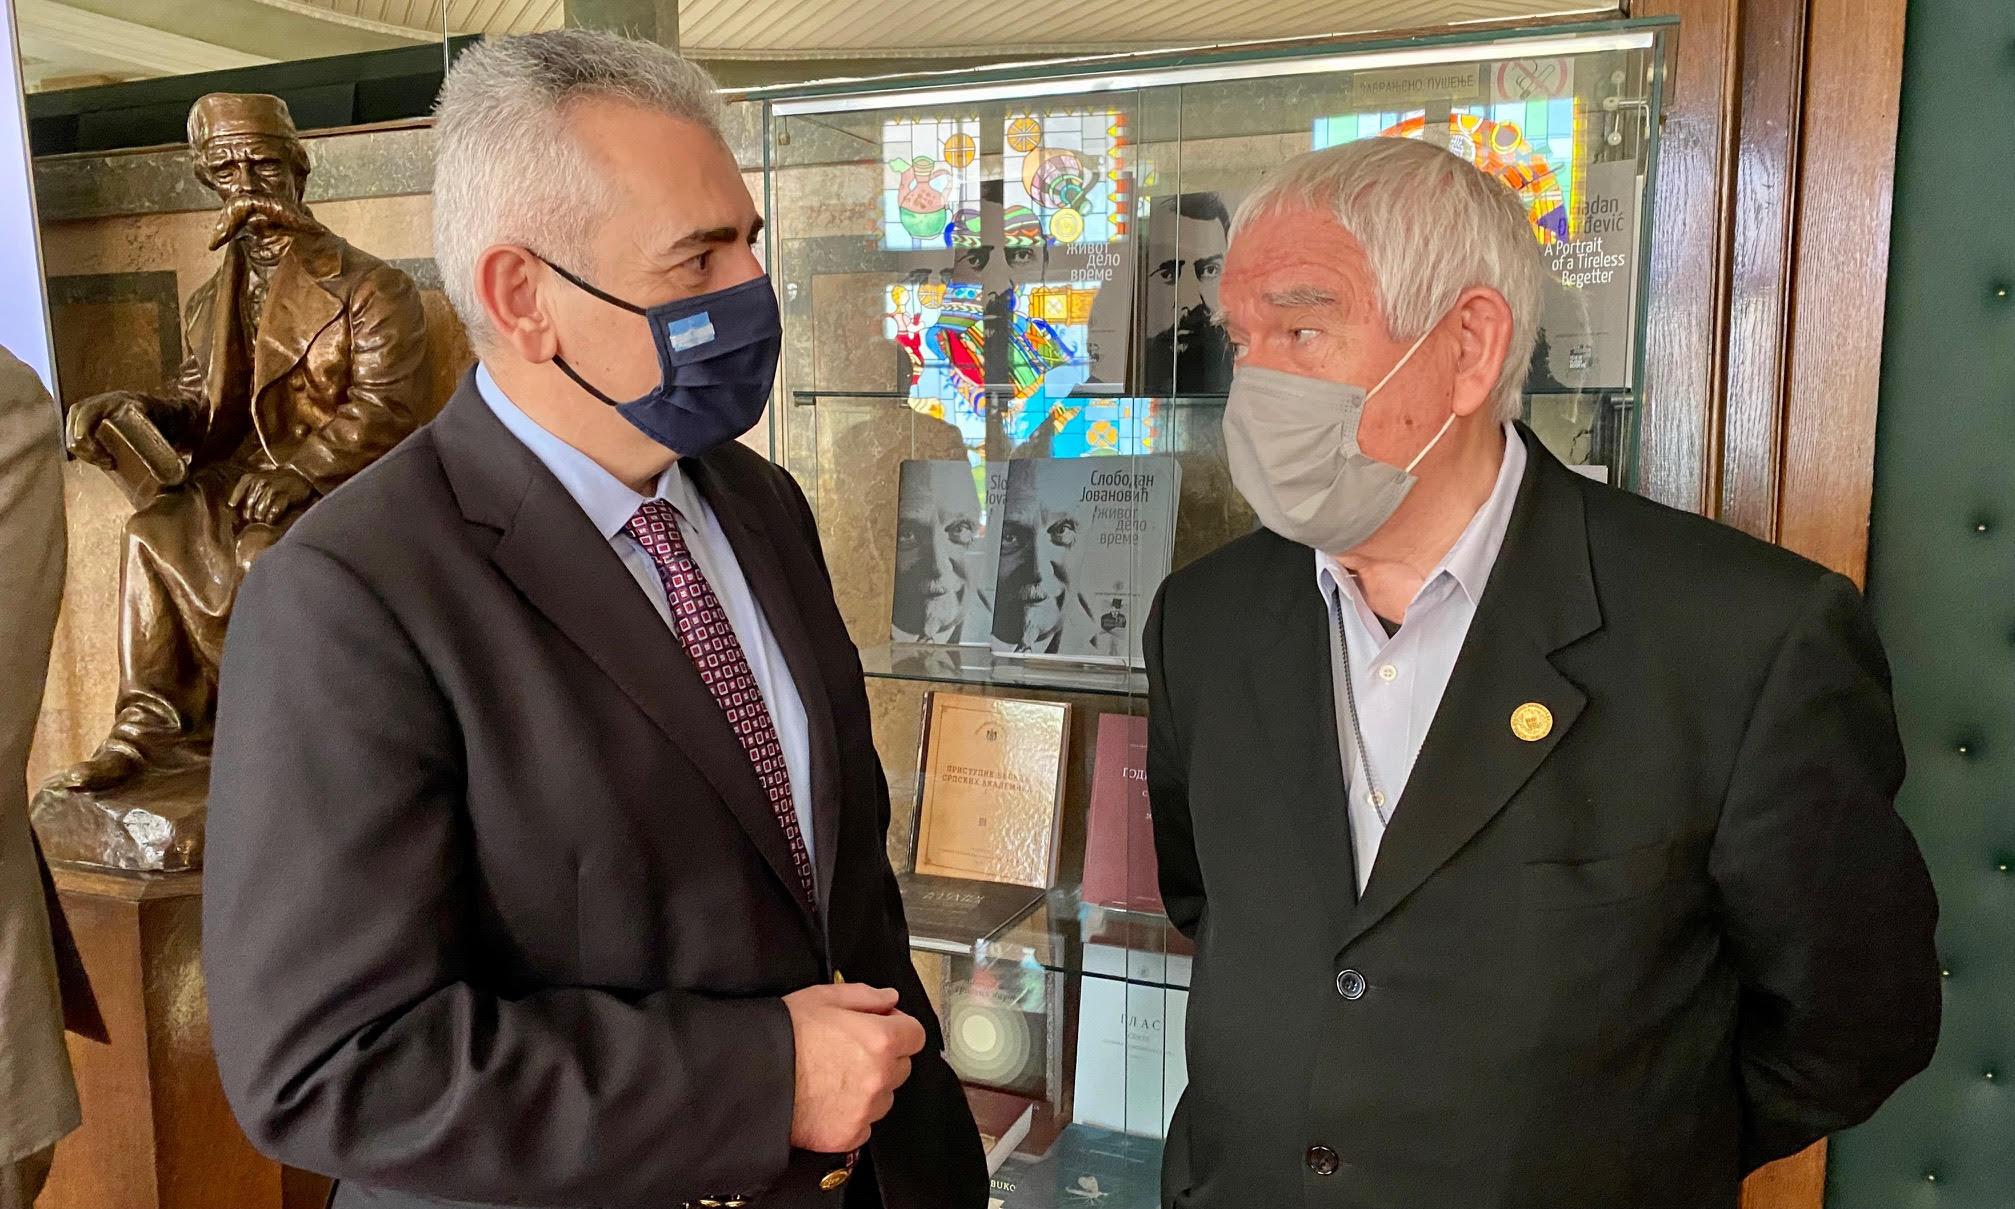 Επίσκεψη στο Ινστιτούτο Βυζαντινών Ερευνών της Ακαδημίας Επιστημών και Τεχνών